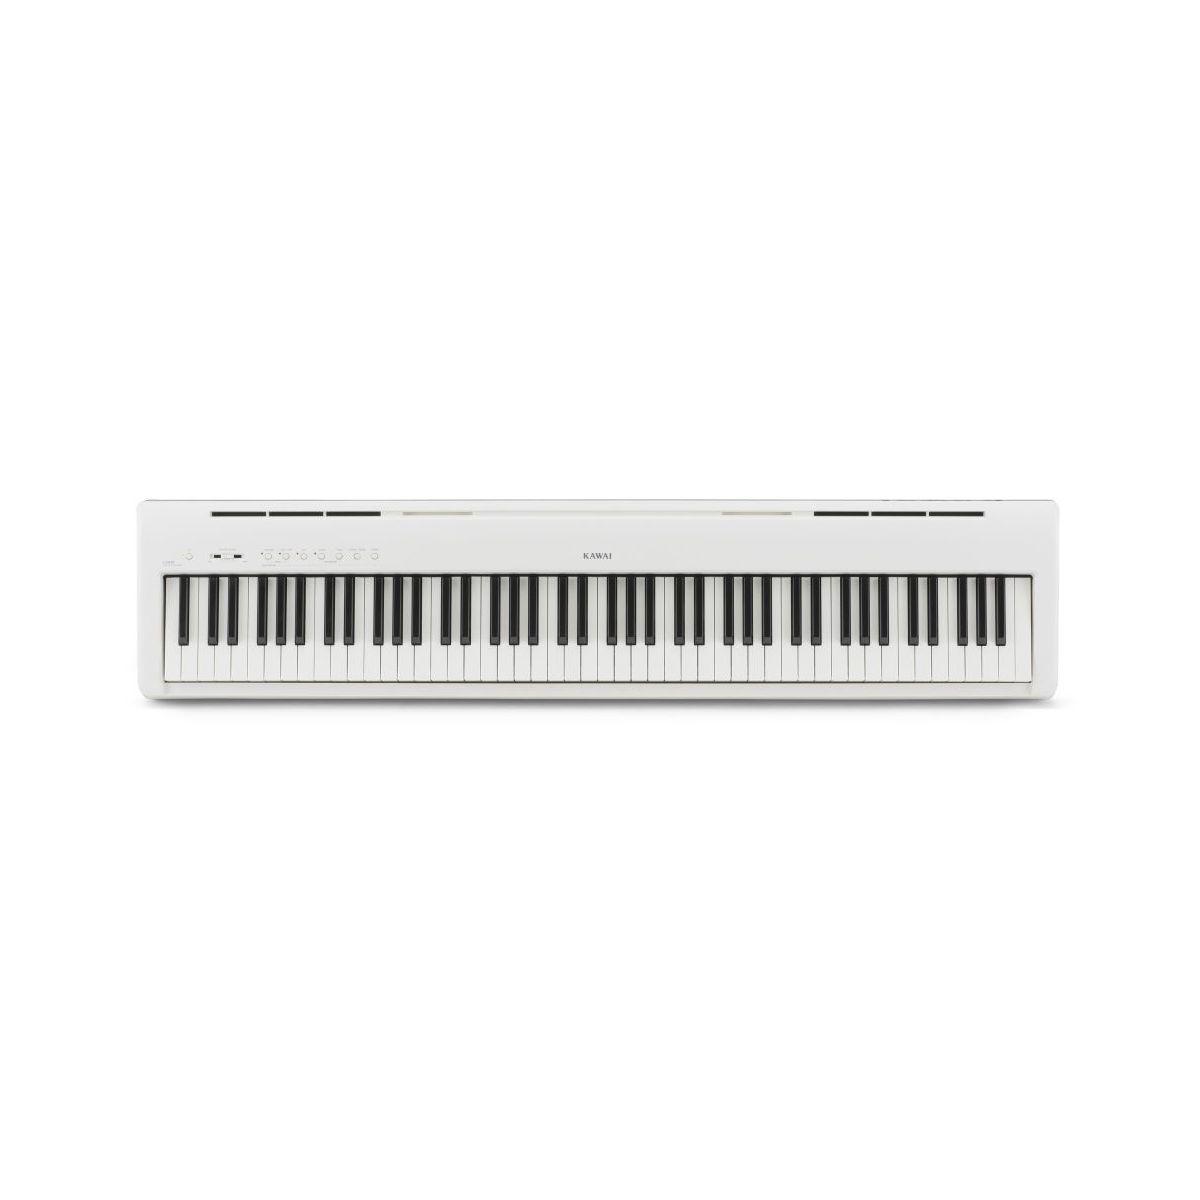 Портативное цифровое пианино Kawai ES100W